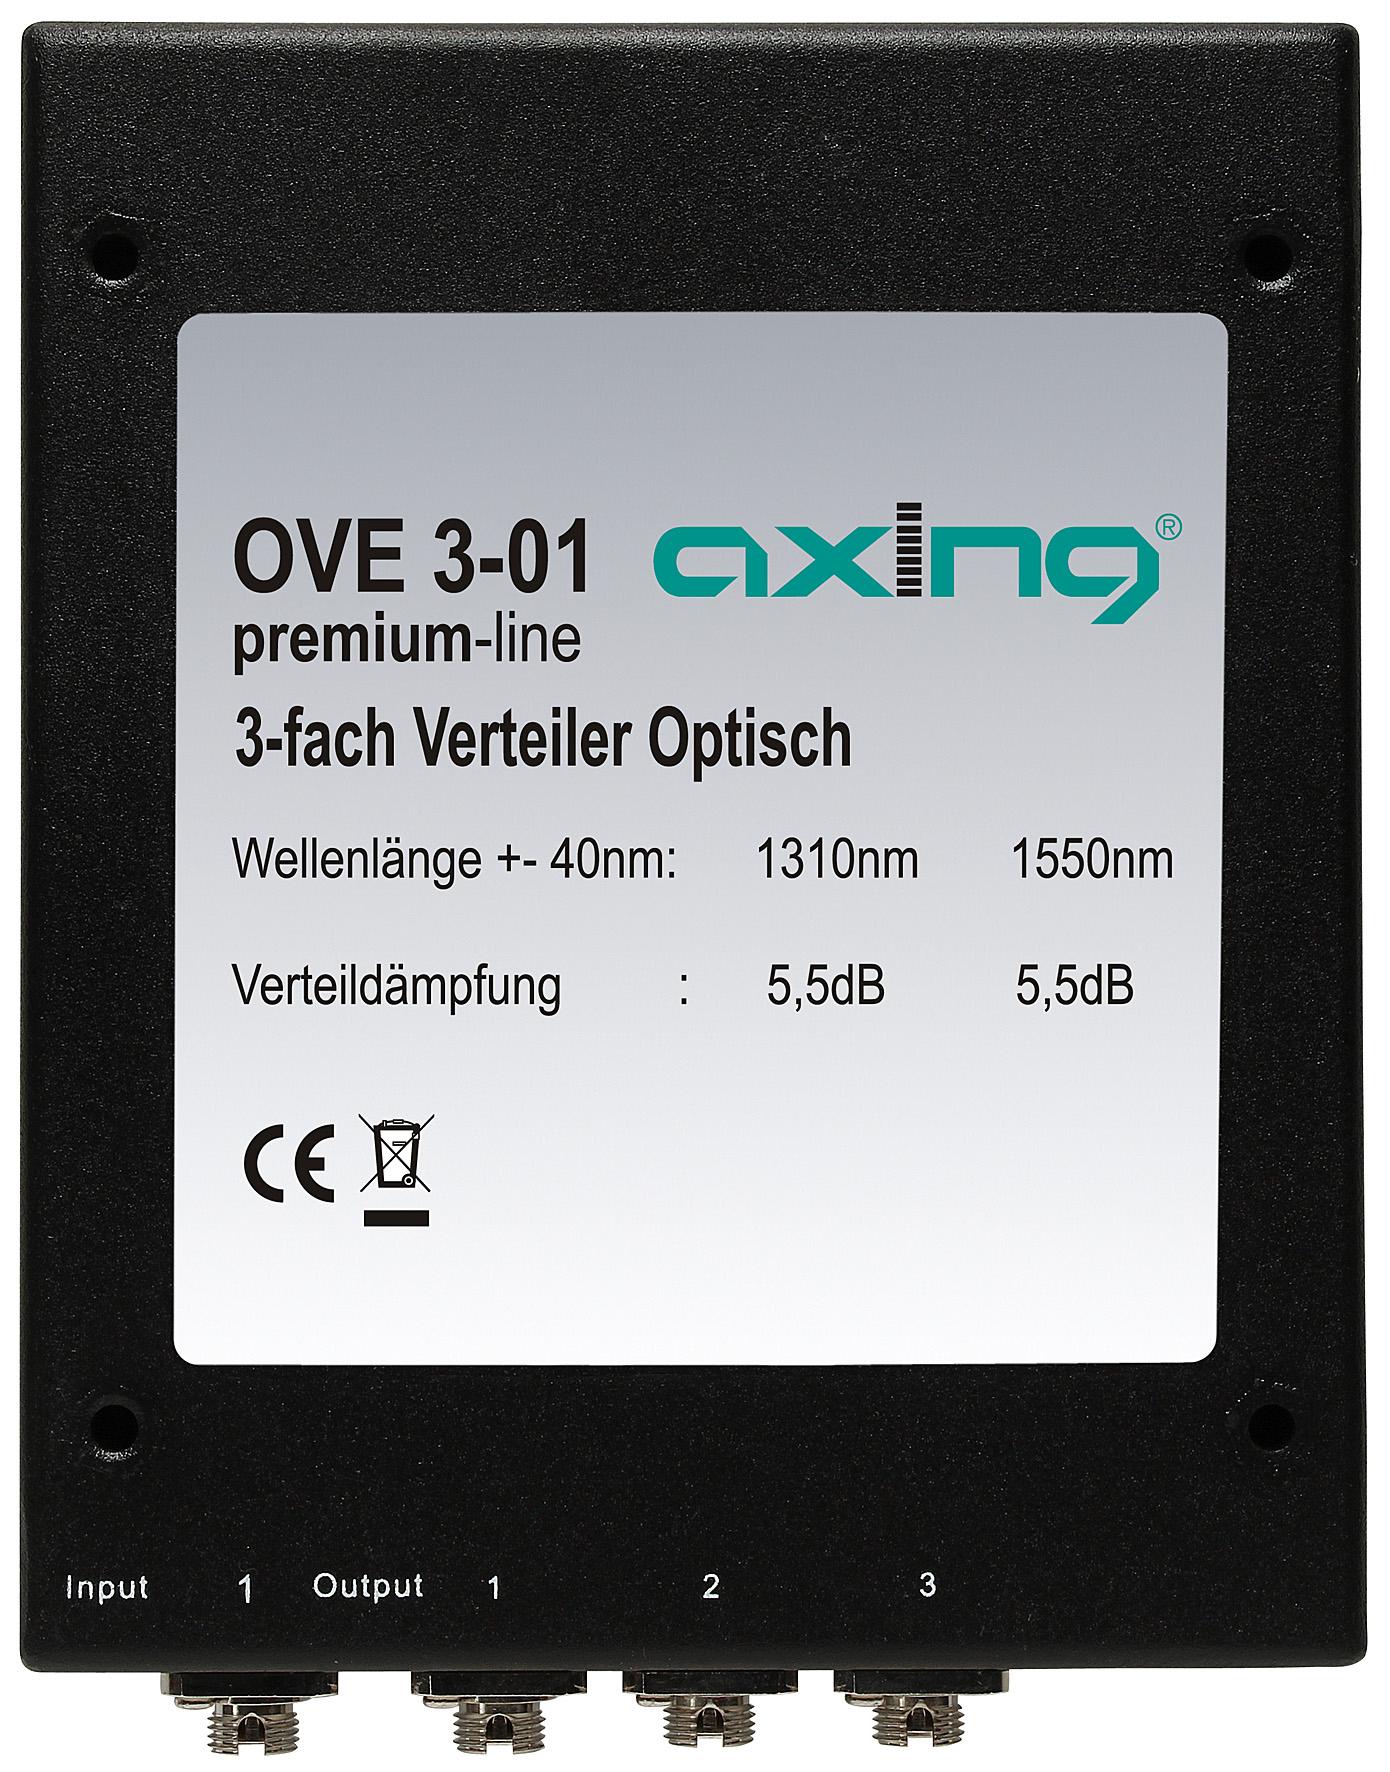 1 Stk SAT LWL optischer 3-fach Verteiler, FC/PC-Stecker, OVE 3-01 HSATFV3---